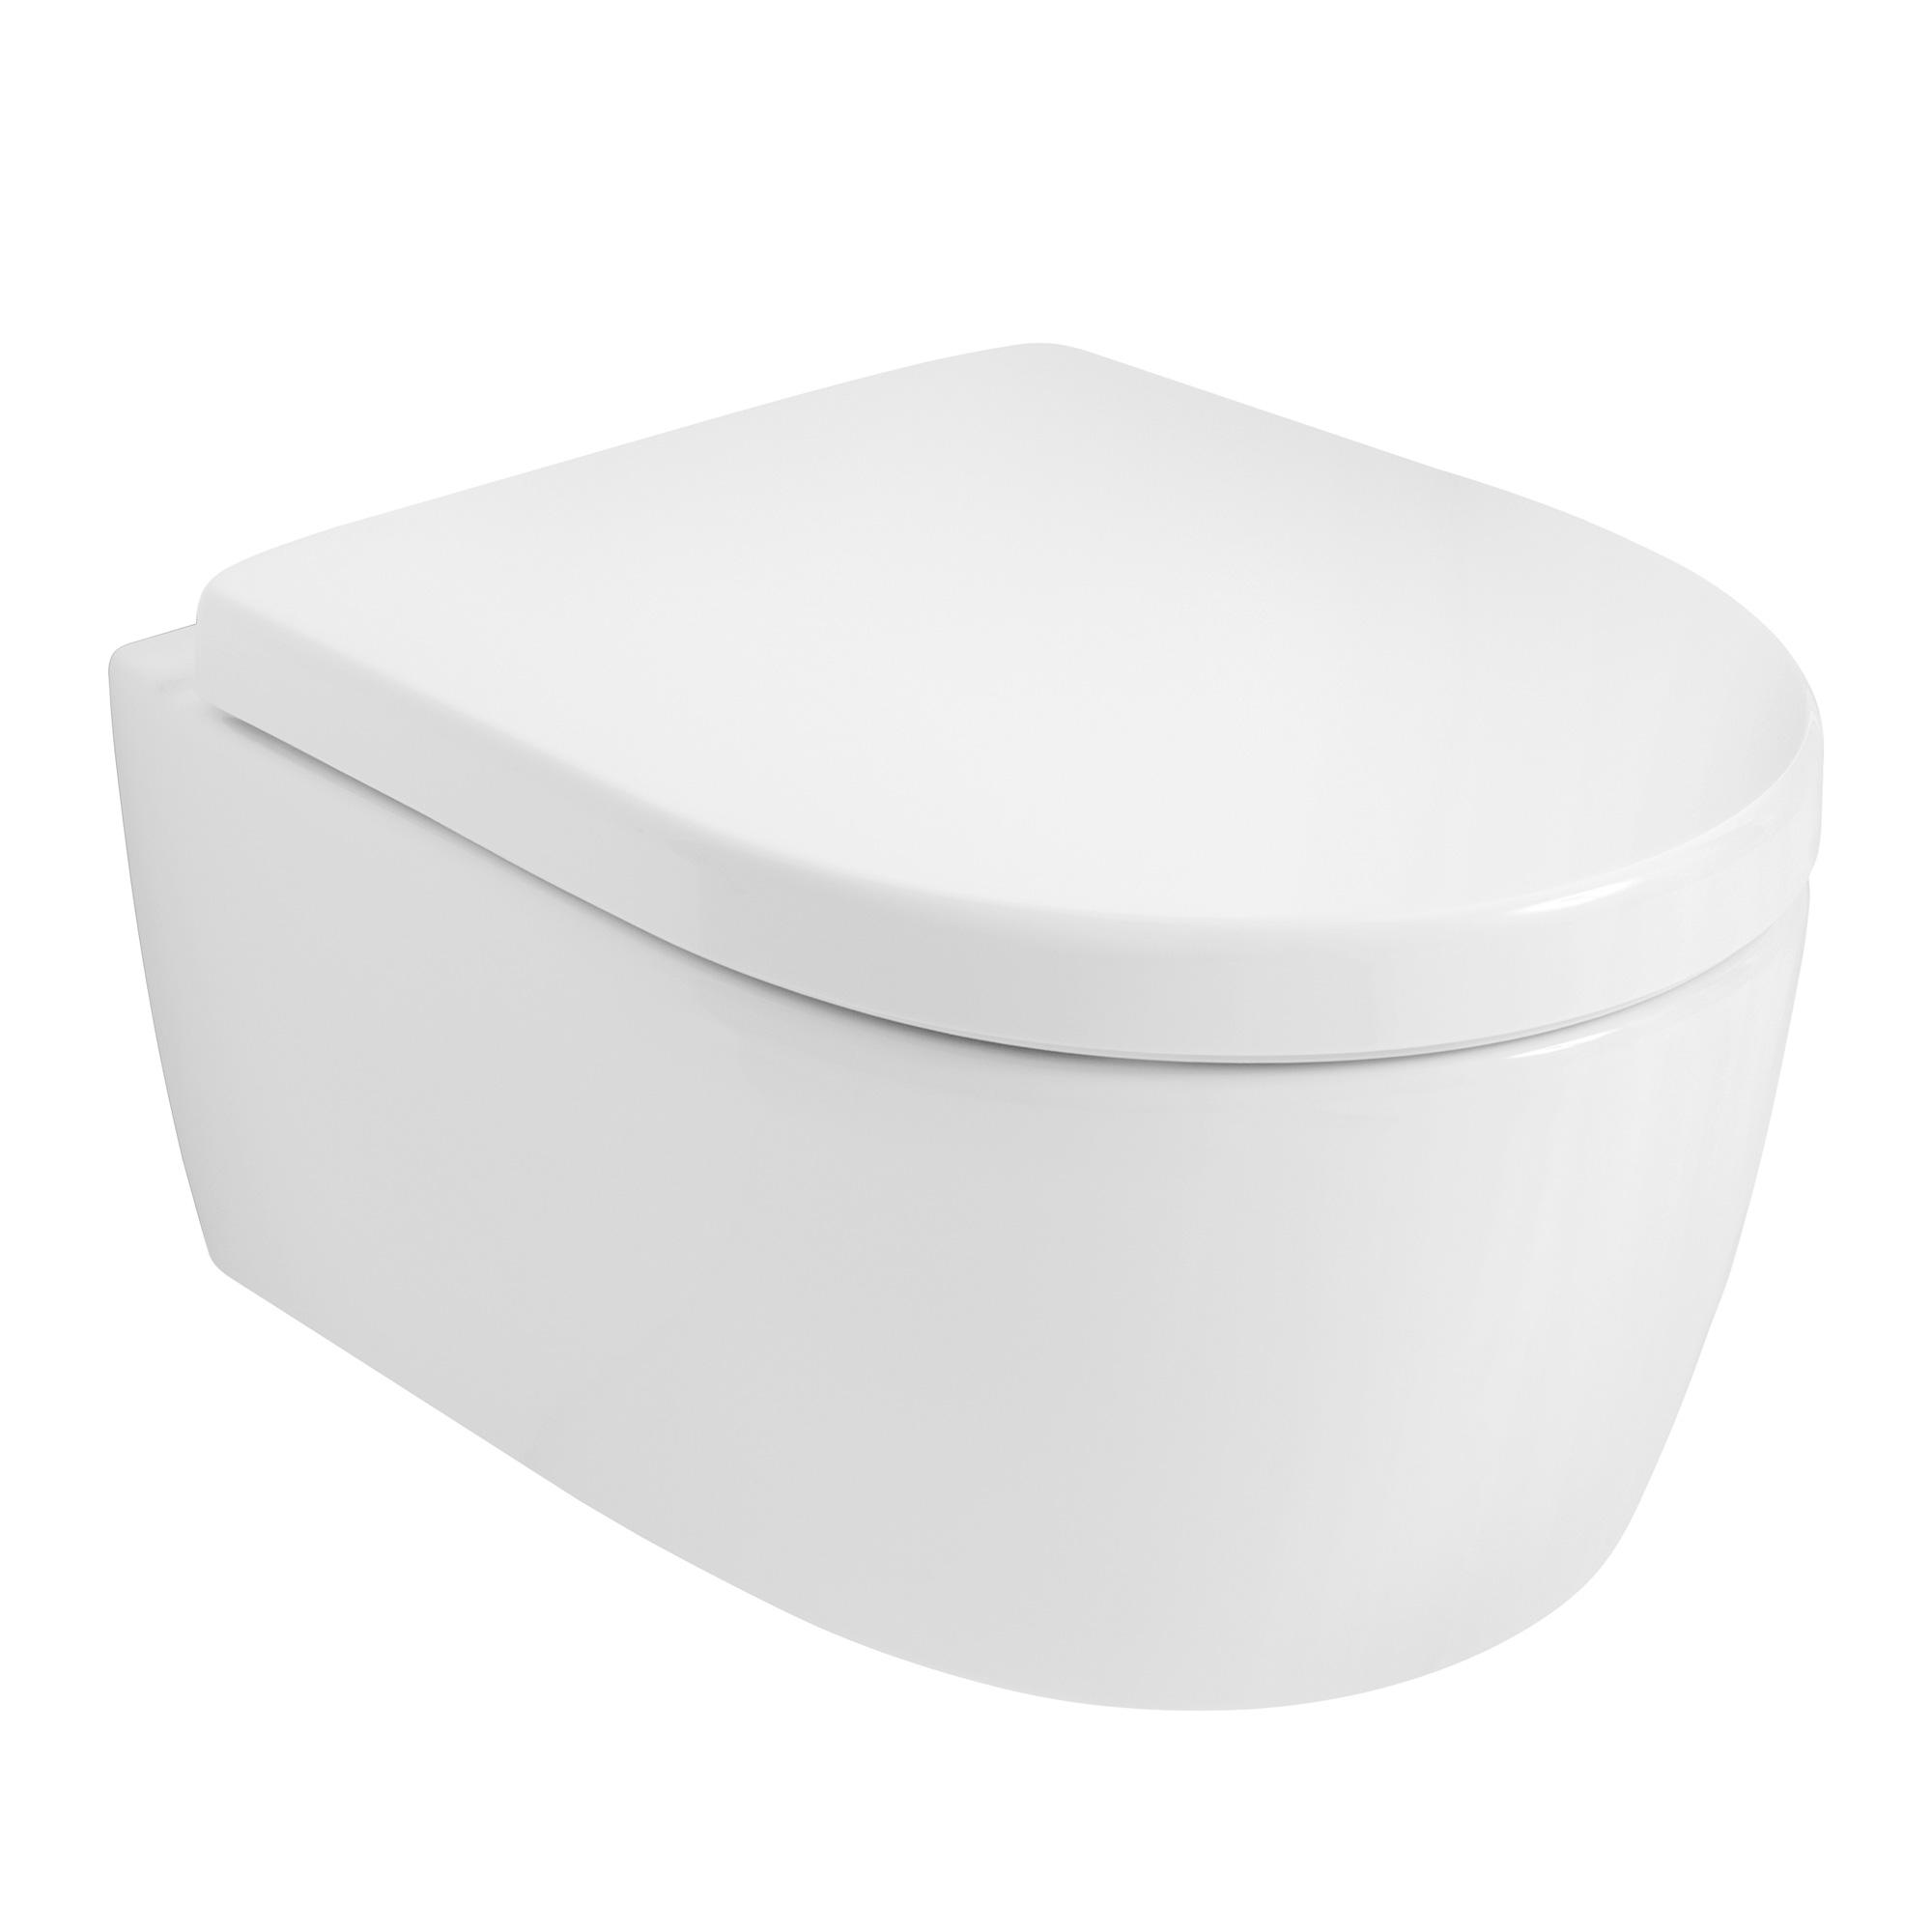 keramag icon wc sitz mit deckel nach din 19516 mit absenkautomatik 574130000 reuter onlineshop. Black Bedroom Furniture Sets. Home Design Ideas